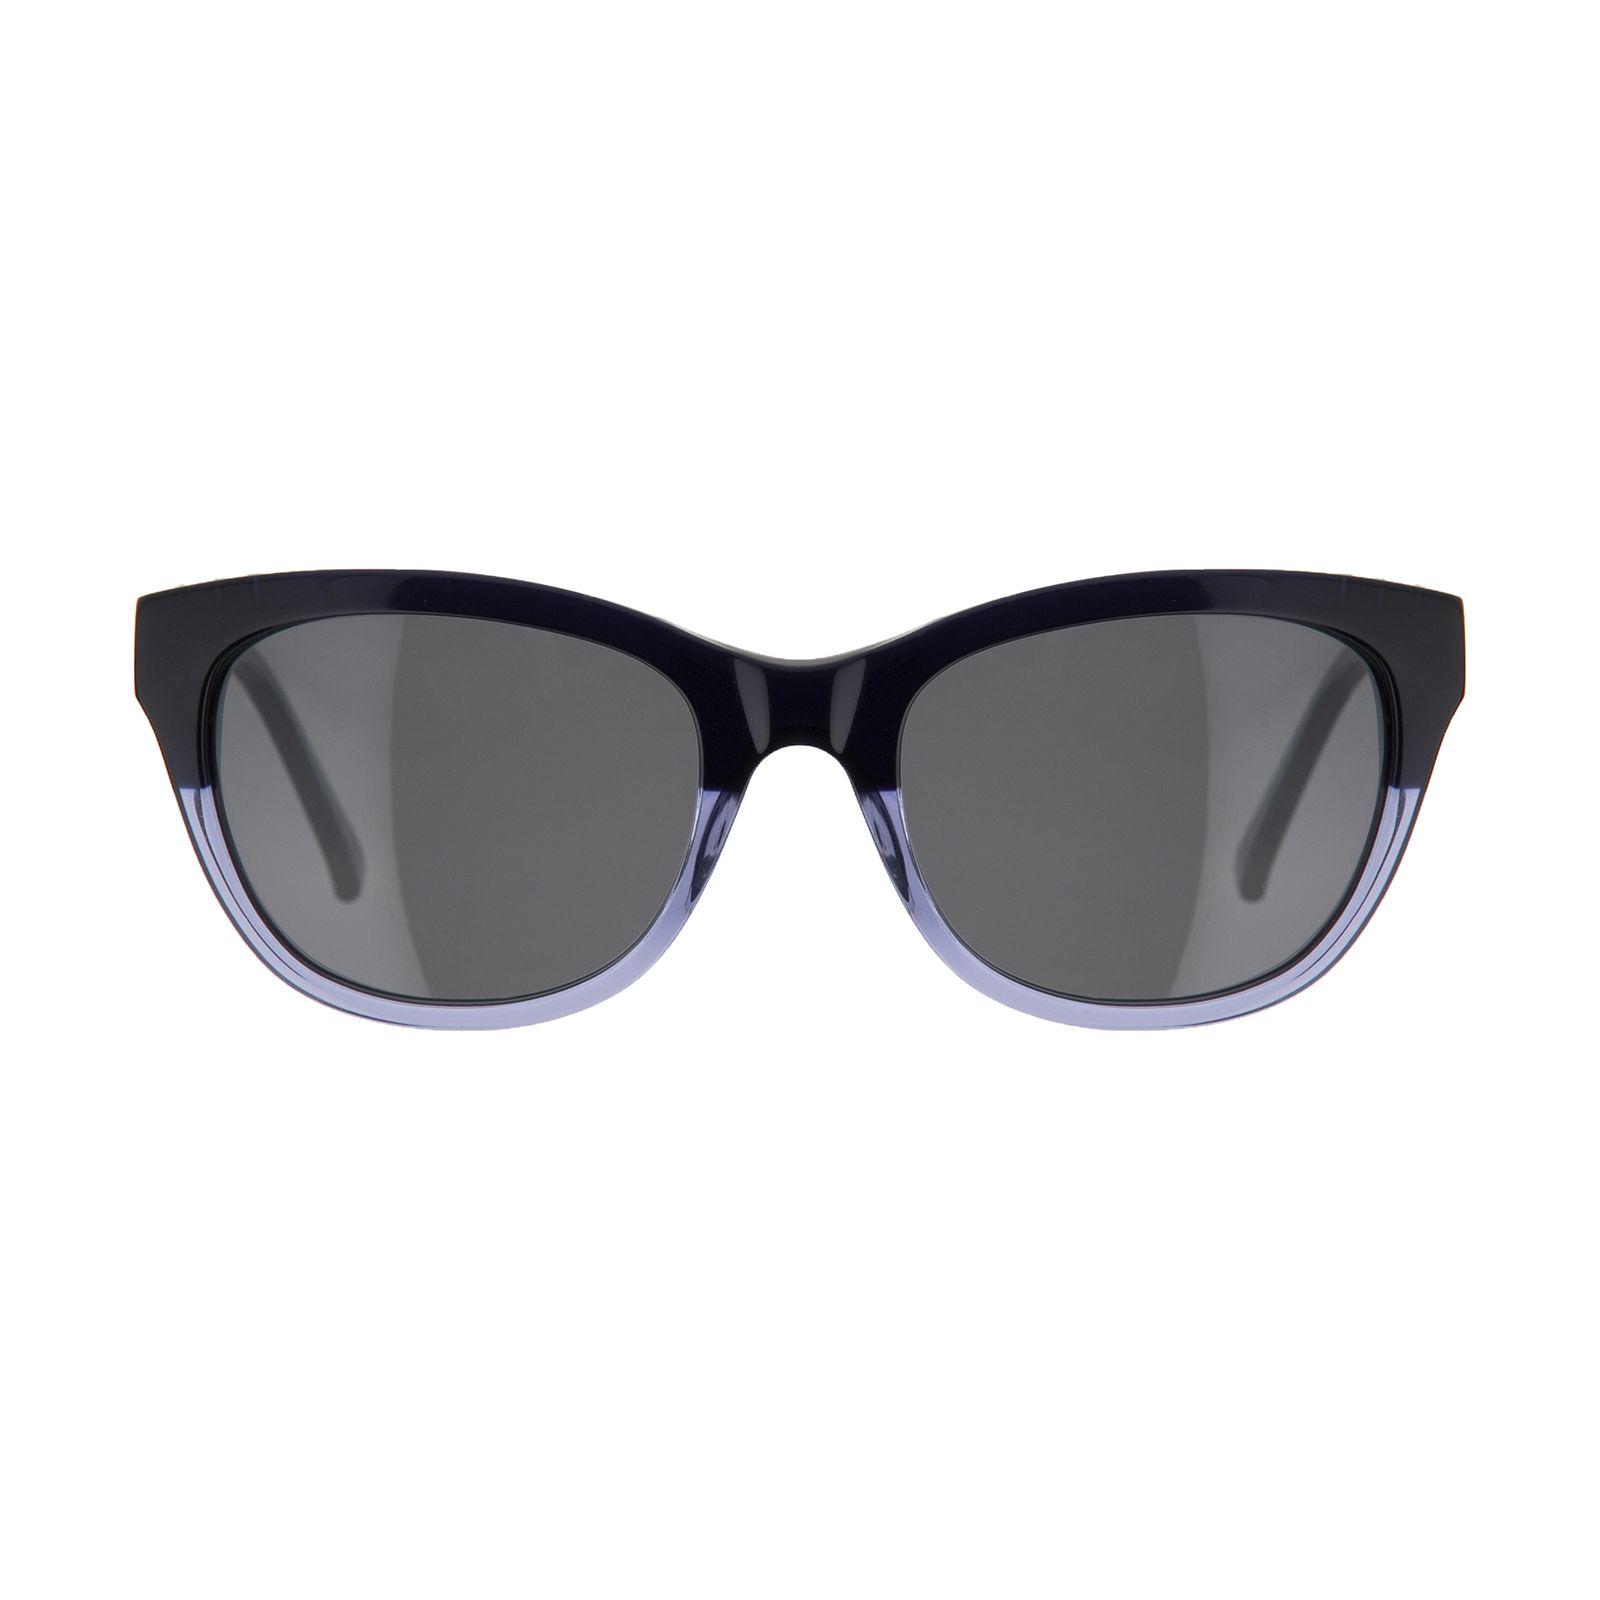 عینک آفتابی زنانه ویستان مدل 7994003 -  - 2